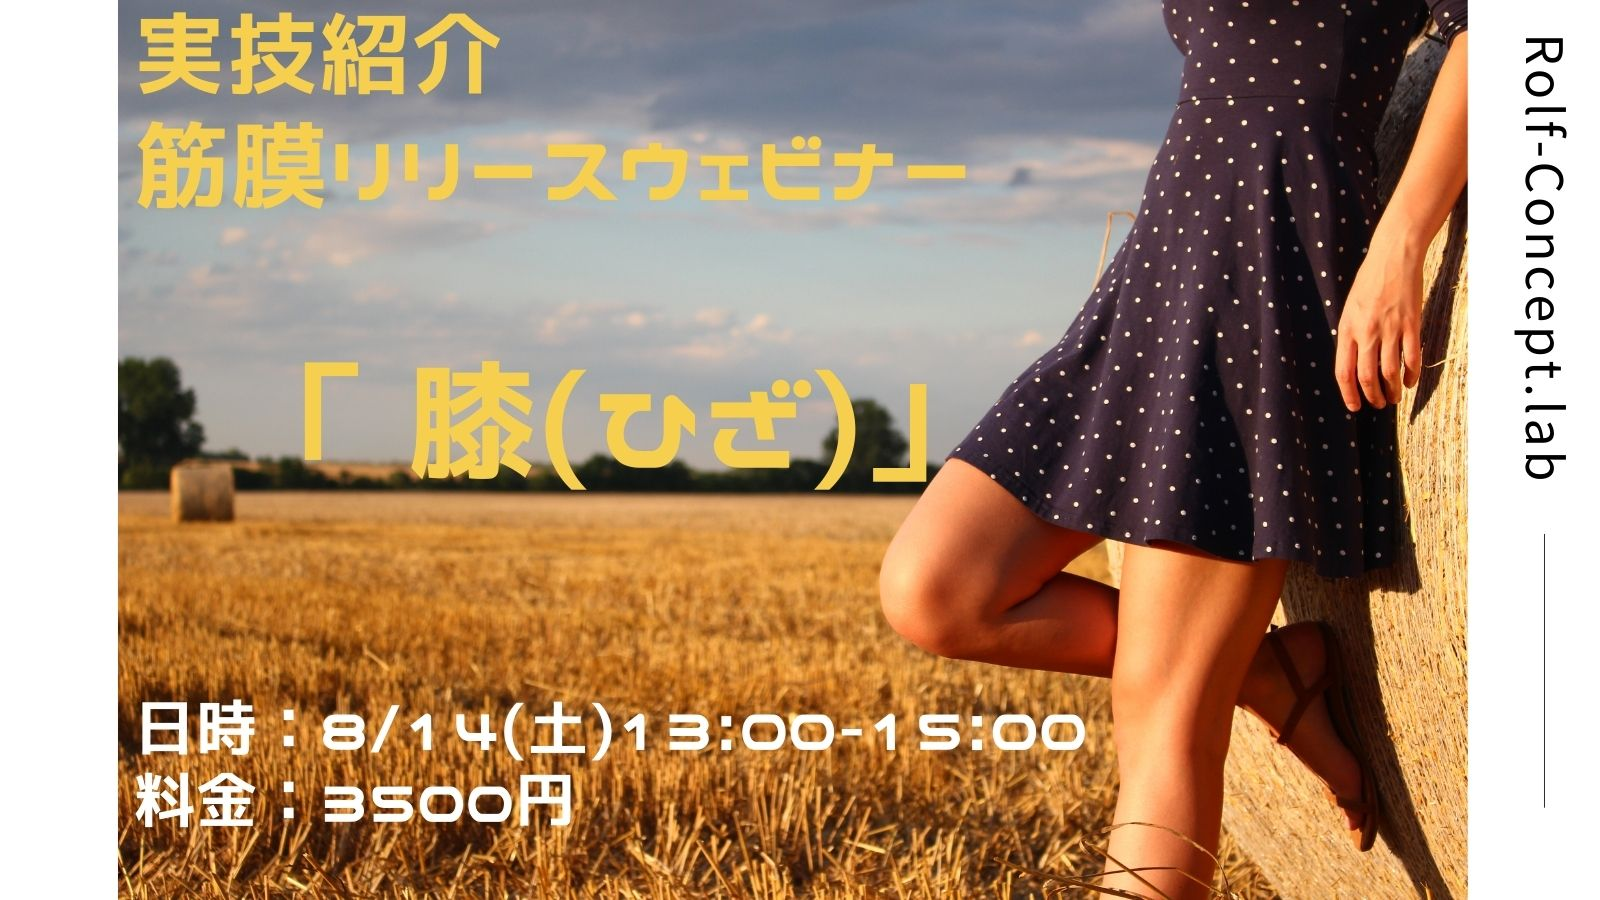 2021/8/14(土) 実技紹介 筋膜リリースウェビナー 「膝」